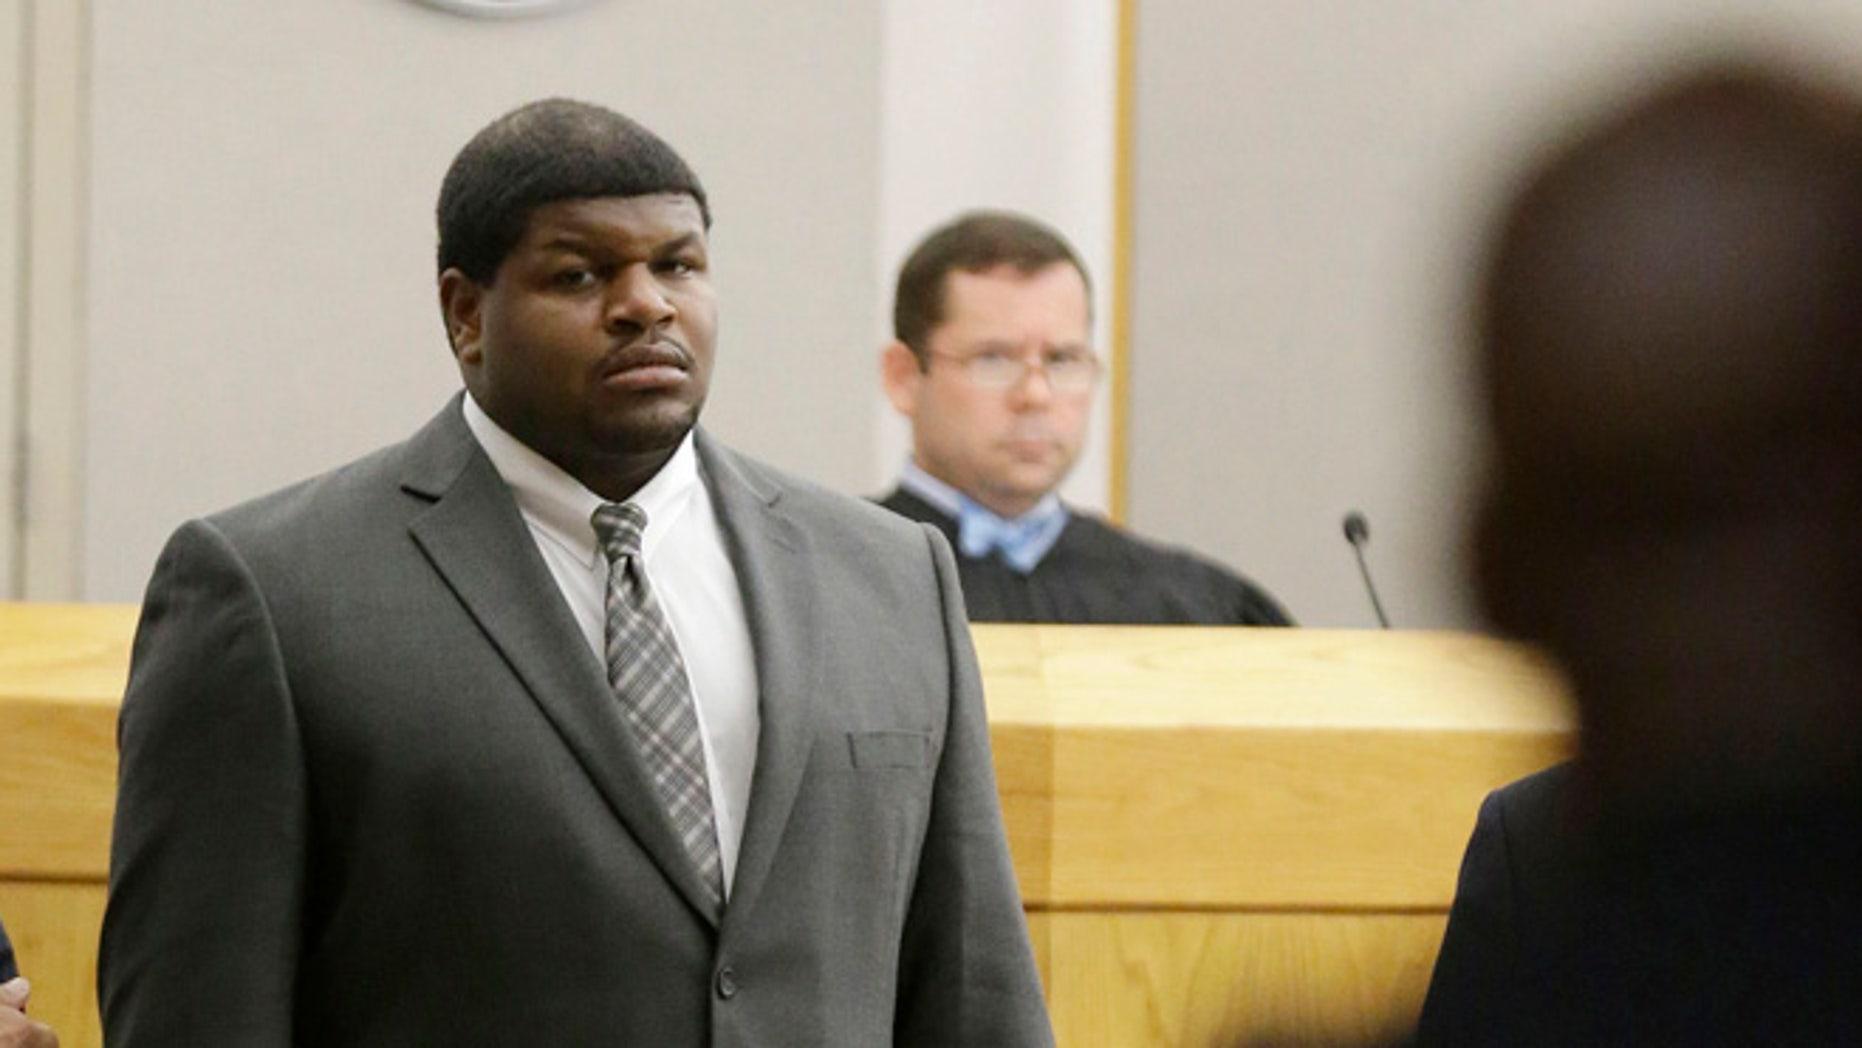 FILE 2014: Former Dallas Cowboys Josh Brent stands in court in Dallas.